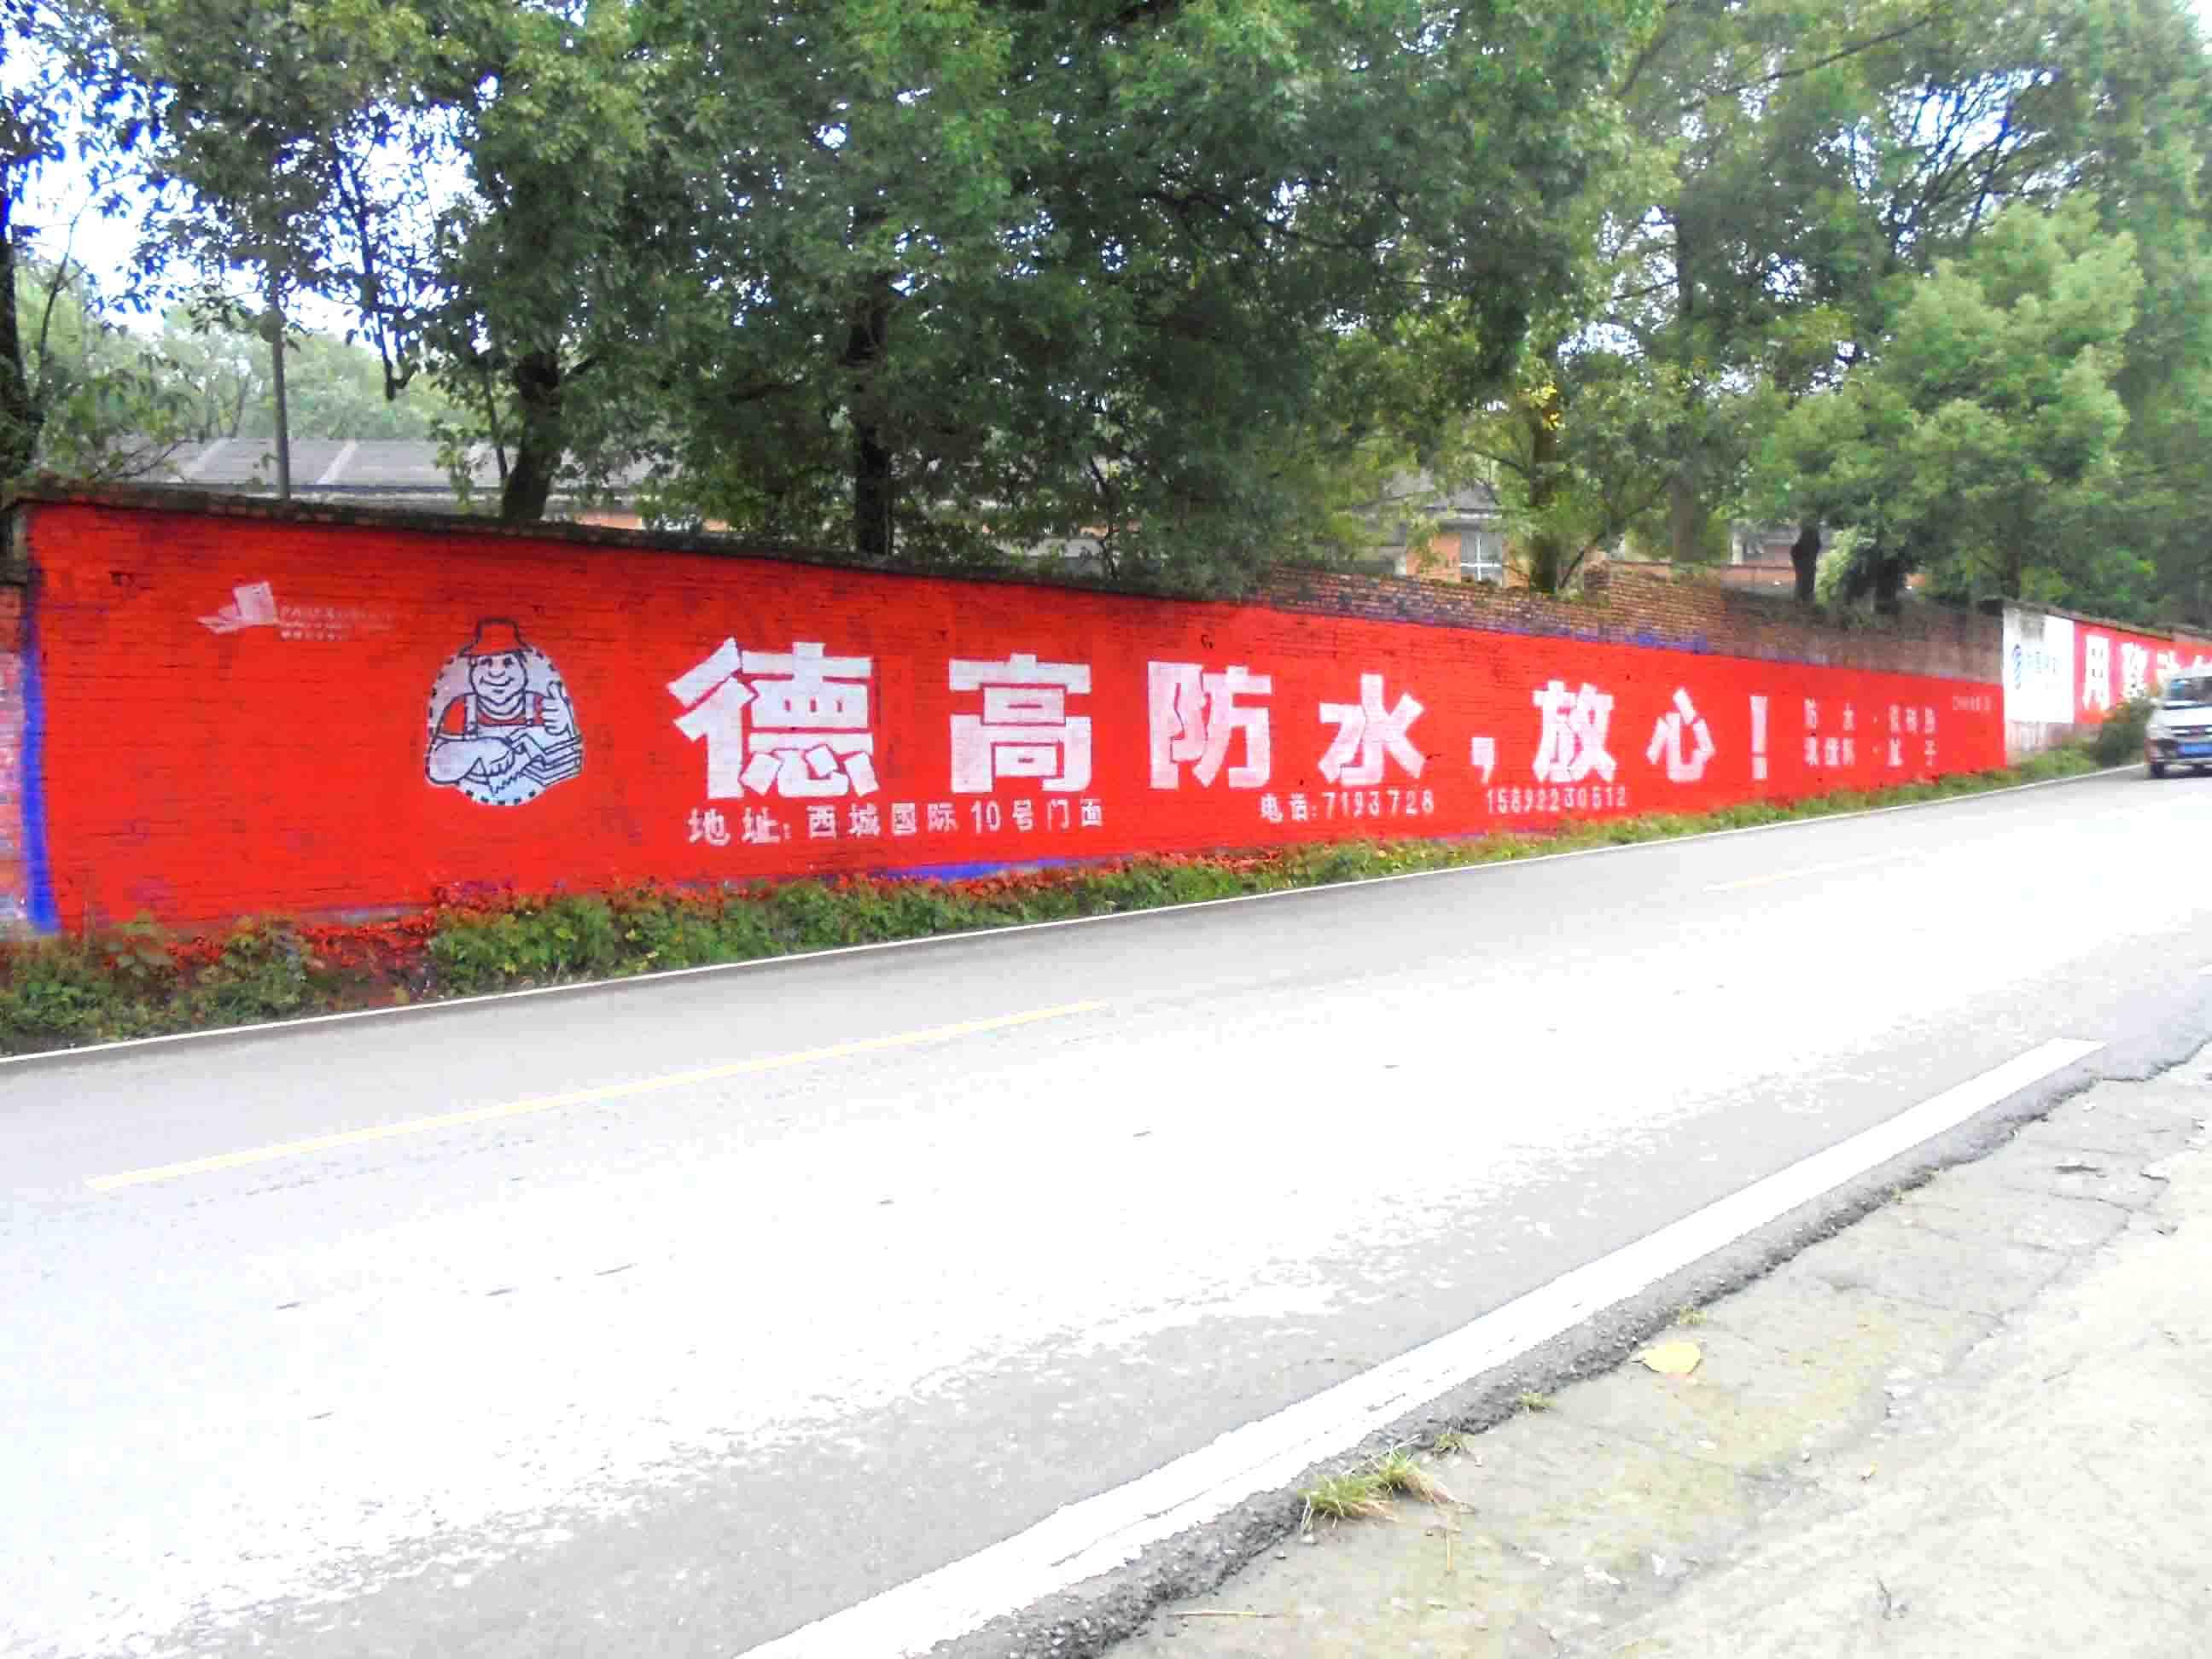 广元墙体广告制作广元刷墙广告宣传广元新农村标语广告                                      -易播网